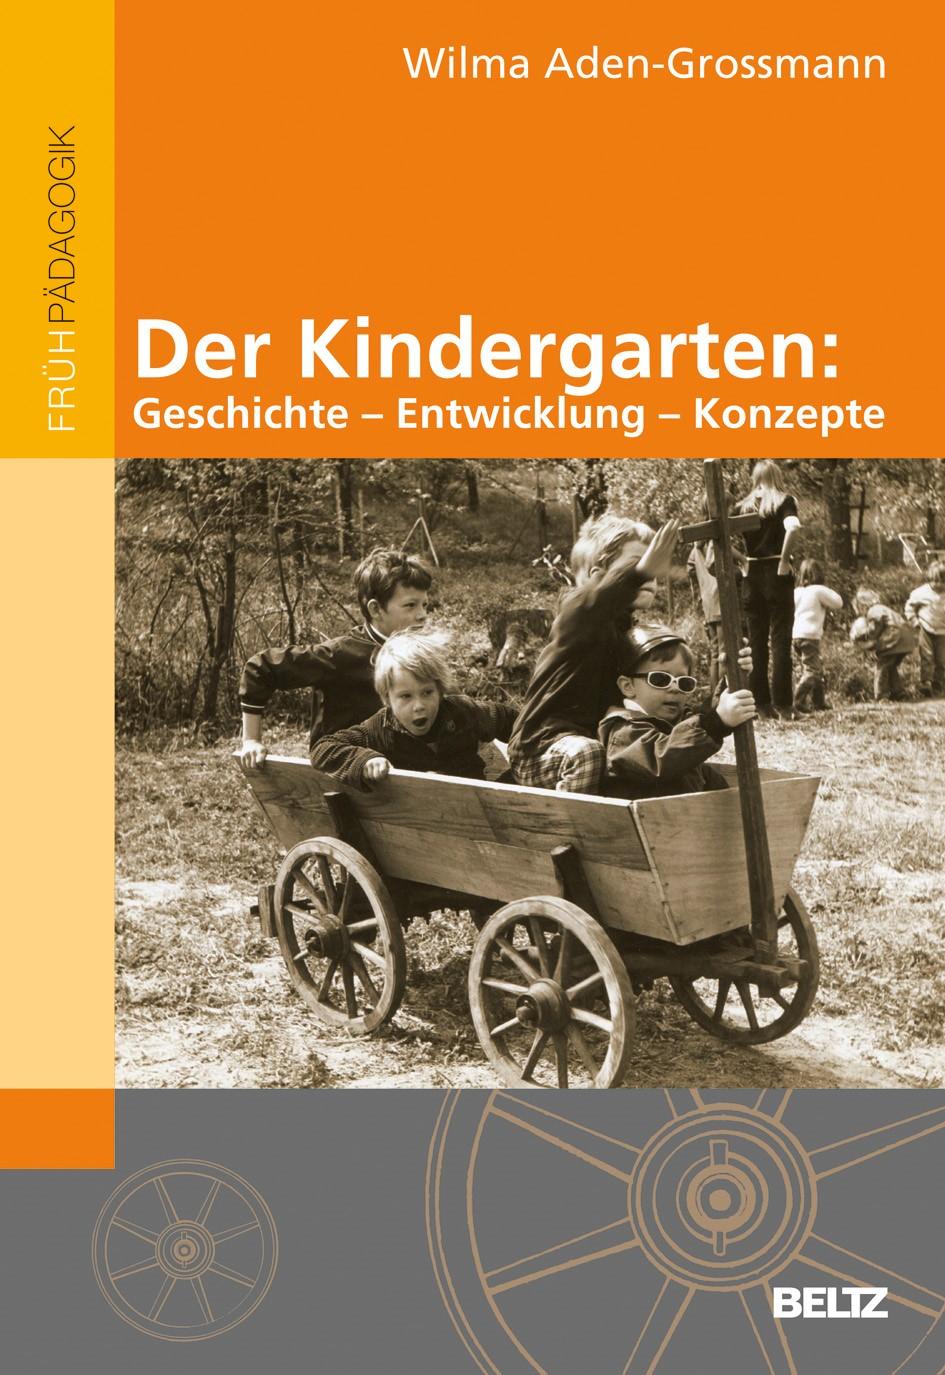 Der Kindergarten: Geschichte - Entwicklung - Konzepte | Aden-Grossmann, 2011 | Buch (Cover)